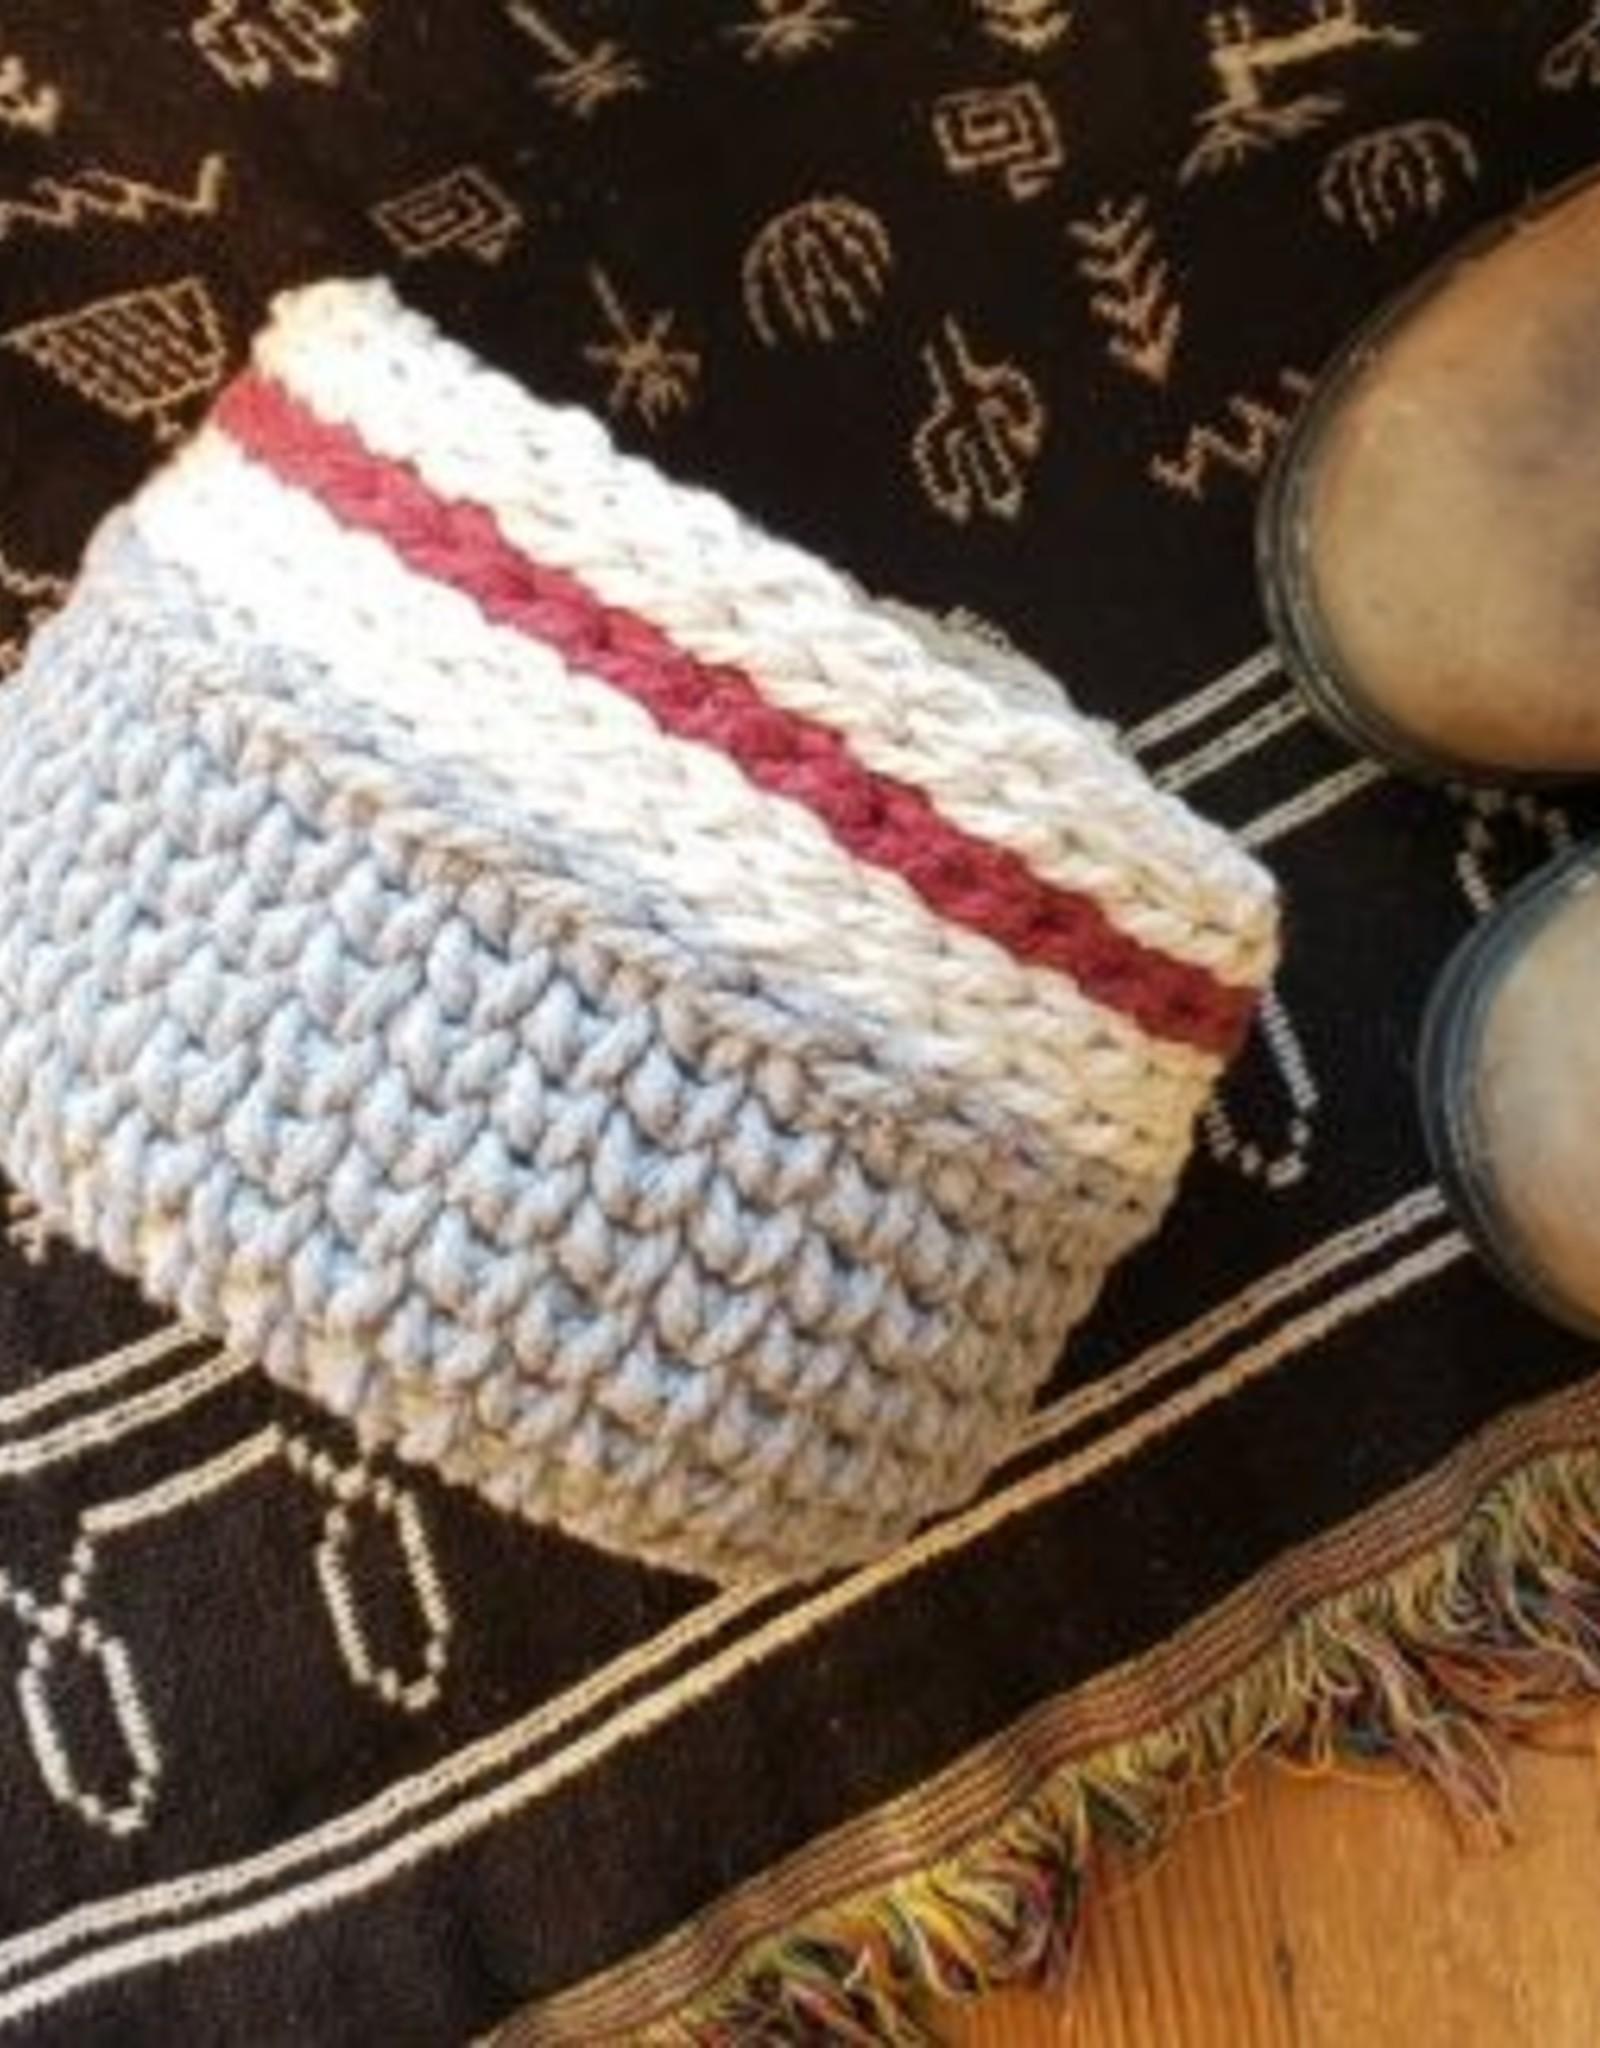 Aster & Vine Aster & Vine Cabin Crochet Basket - Crochet Kit